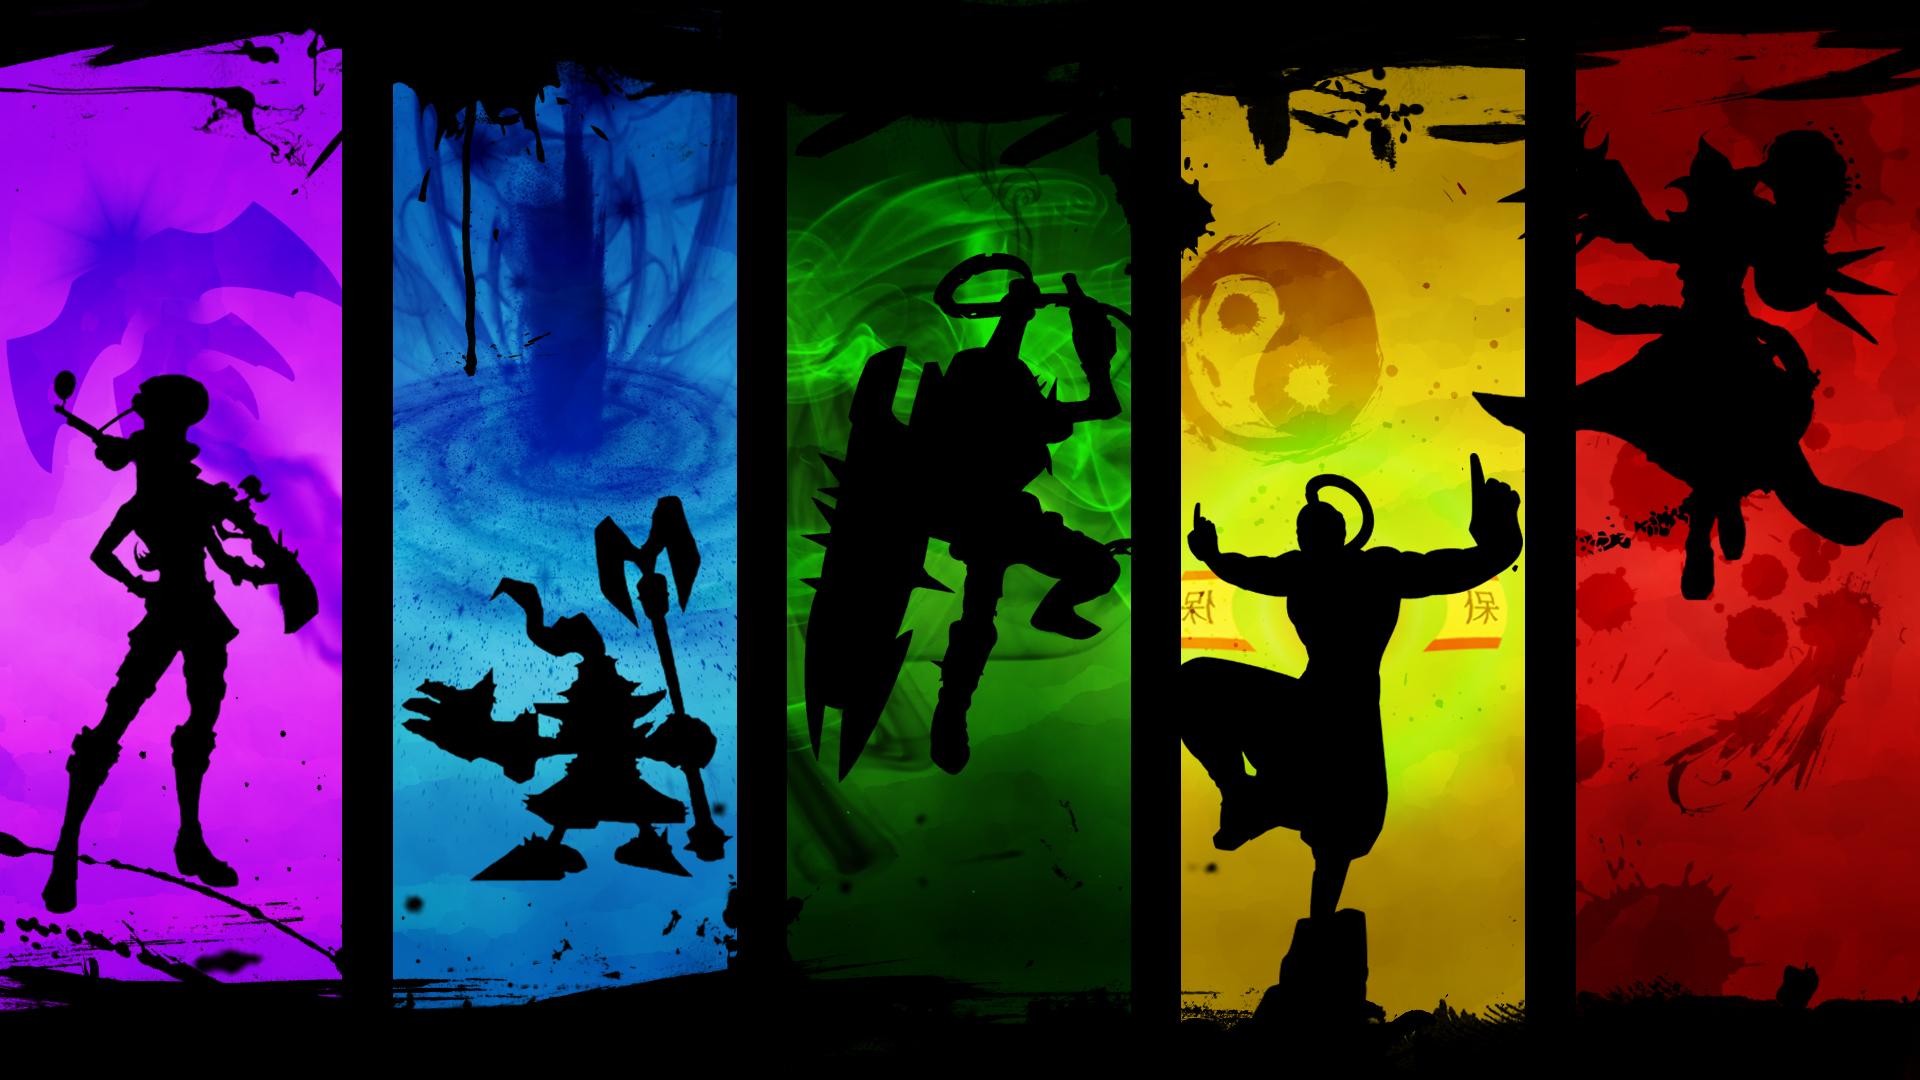 League of Legends Fan Art  League of Legends Wallpapers